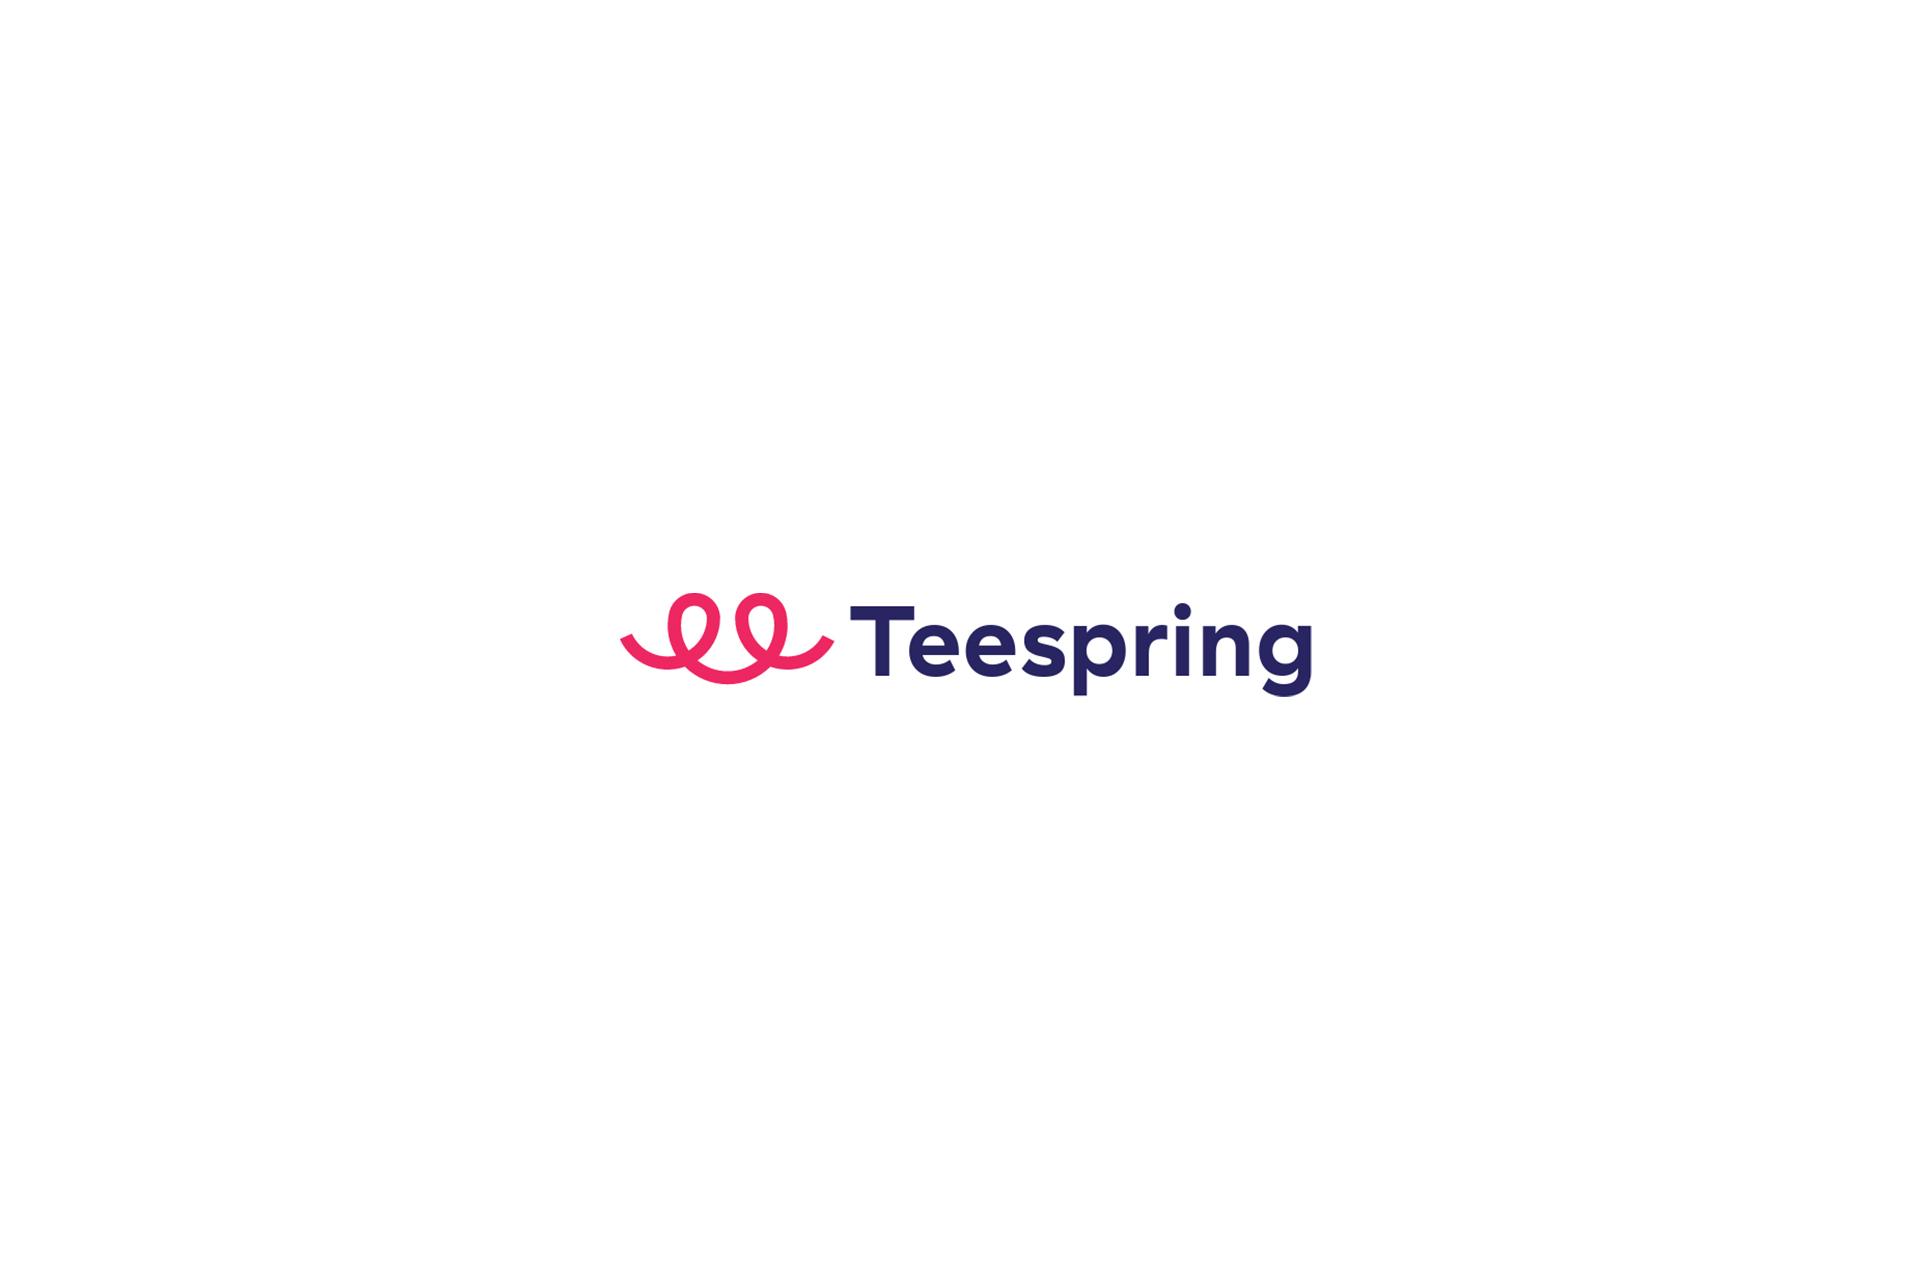 ثبتنام در Teespring – آموزش قدم به قدم کسب درآمد دلاری از Teespring